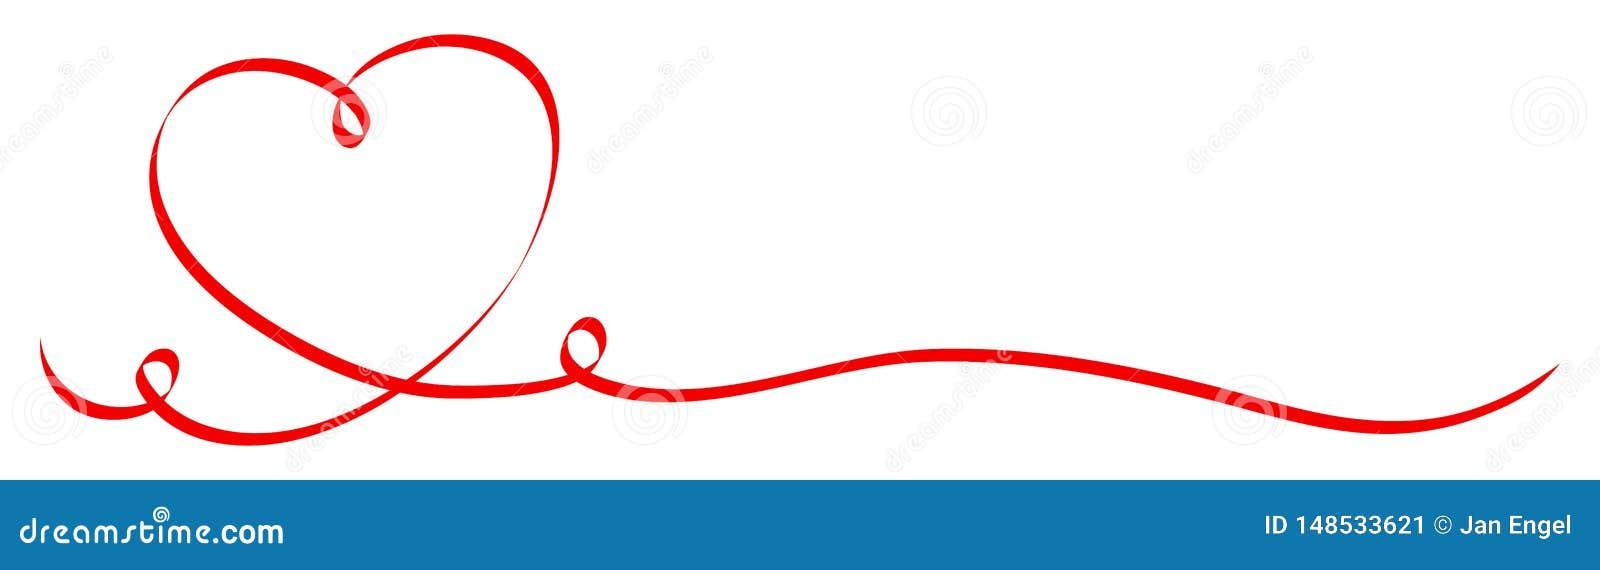 Κόκκινη καρδιά καλλιγραφίας με την κορδέλλα δύο στροβίλων